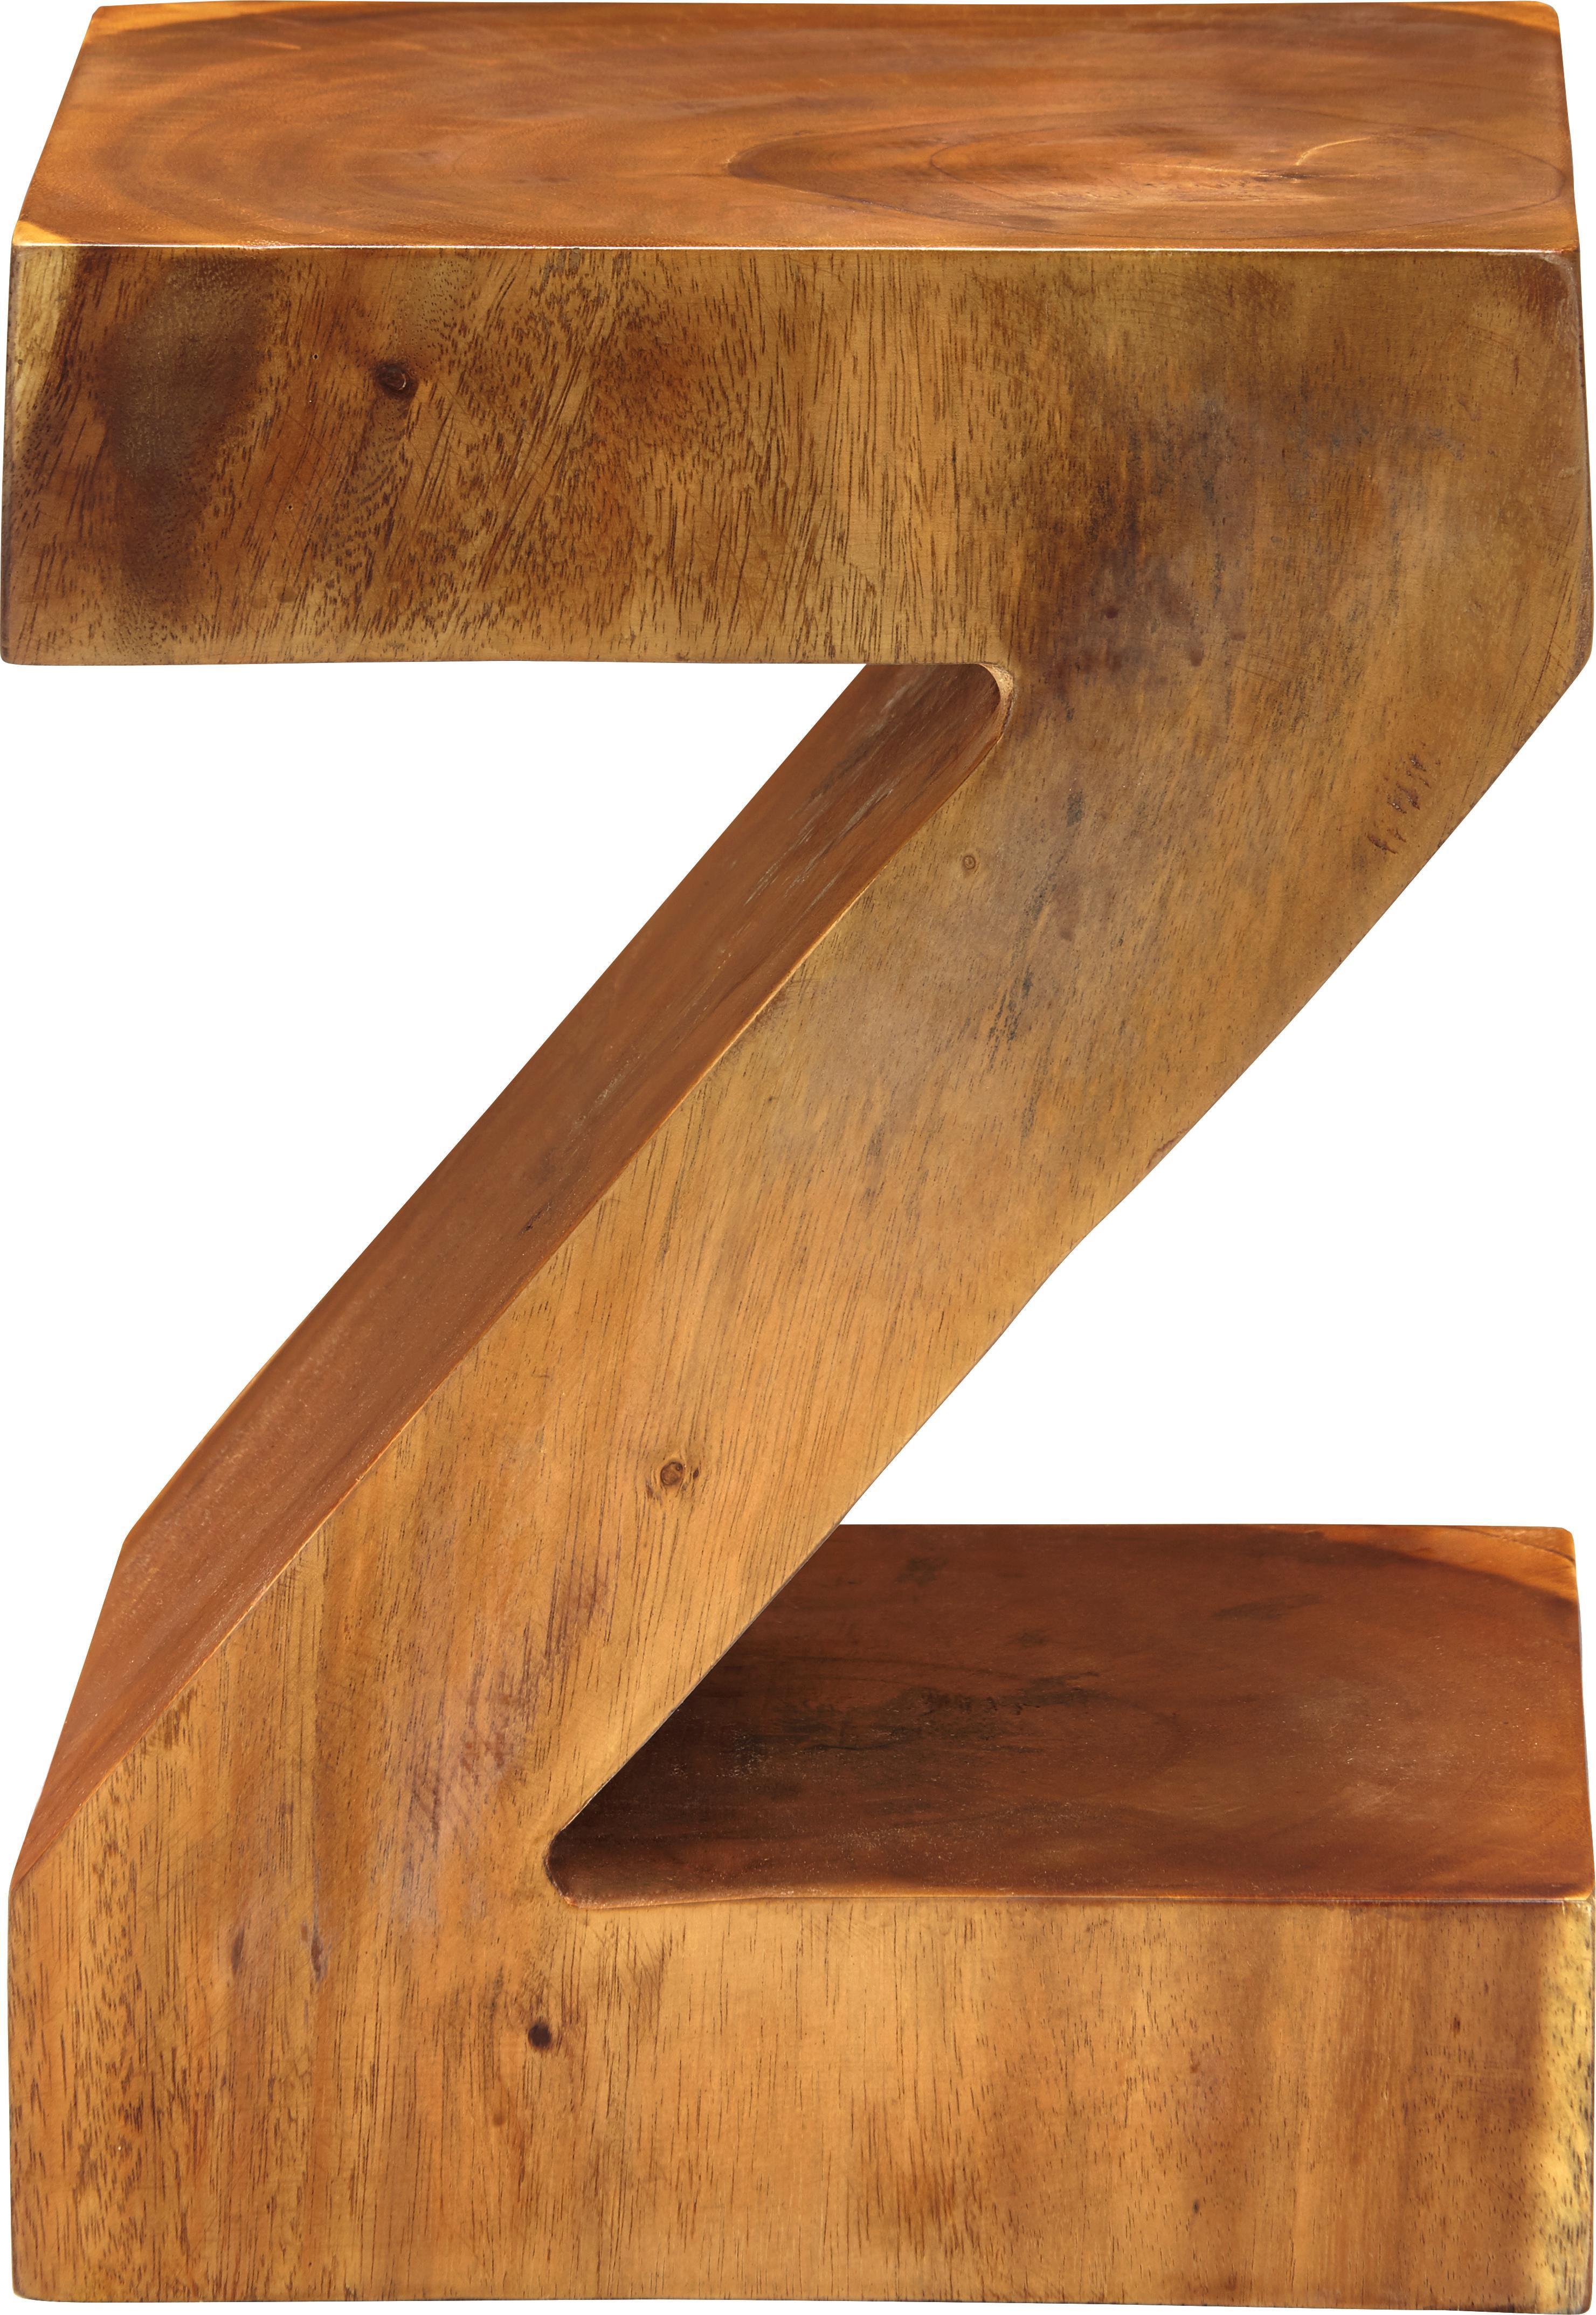 Massivholzhocker - 3 Modelle (eins mit Leder) mit Füllartikel ( z.B. Wandgarderobe ) für 20,80 € inkl. Versand @ mömax